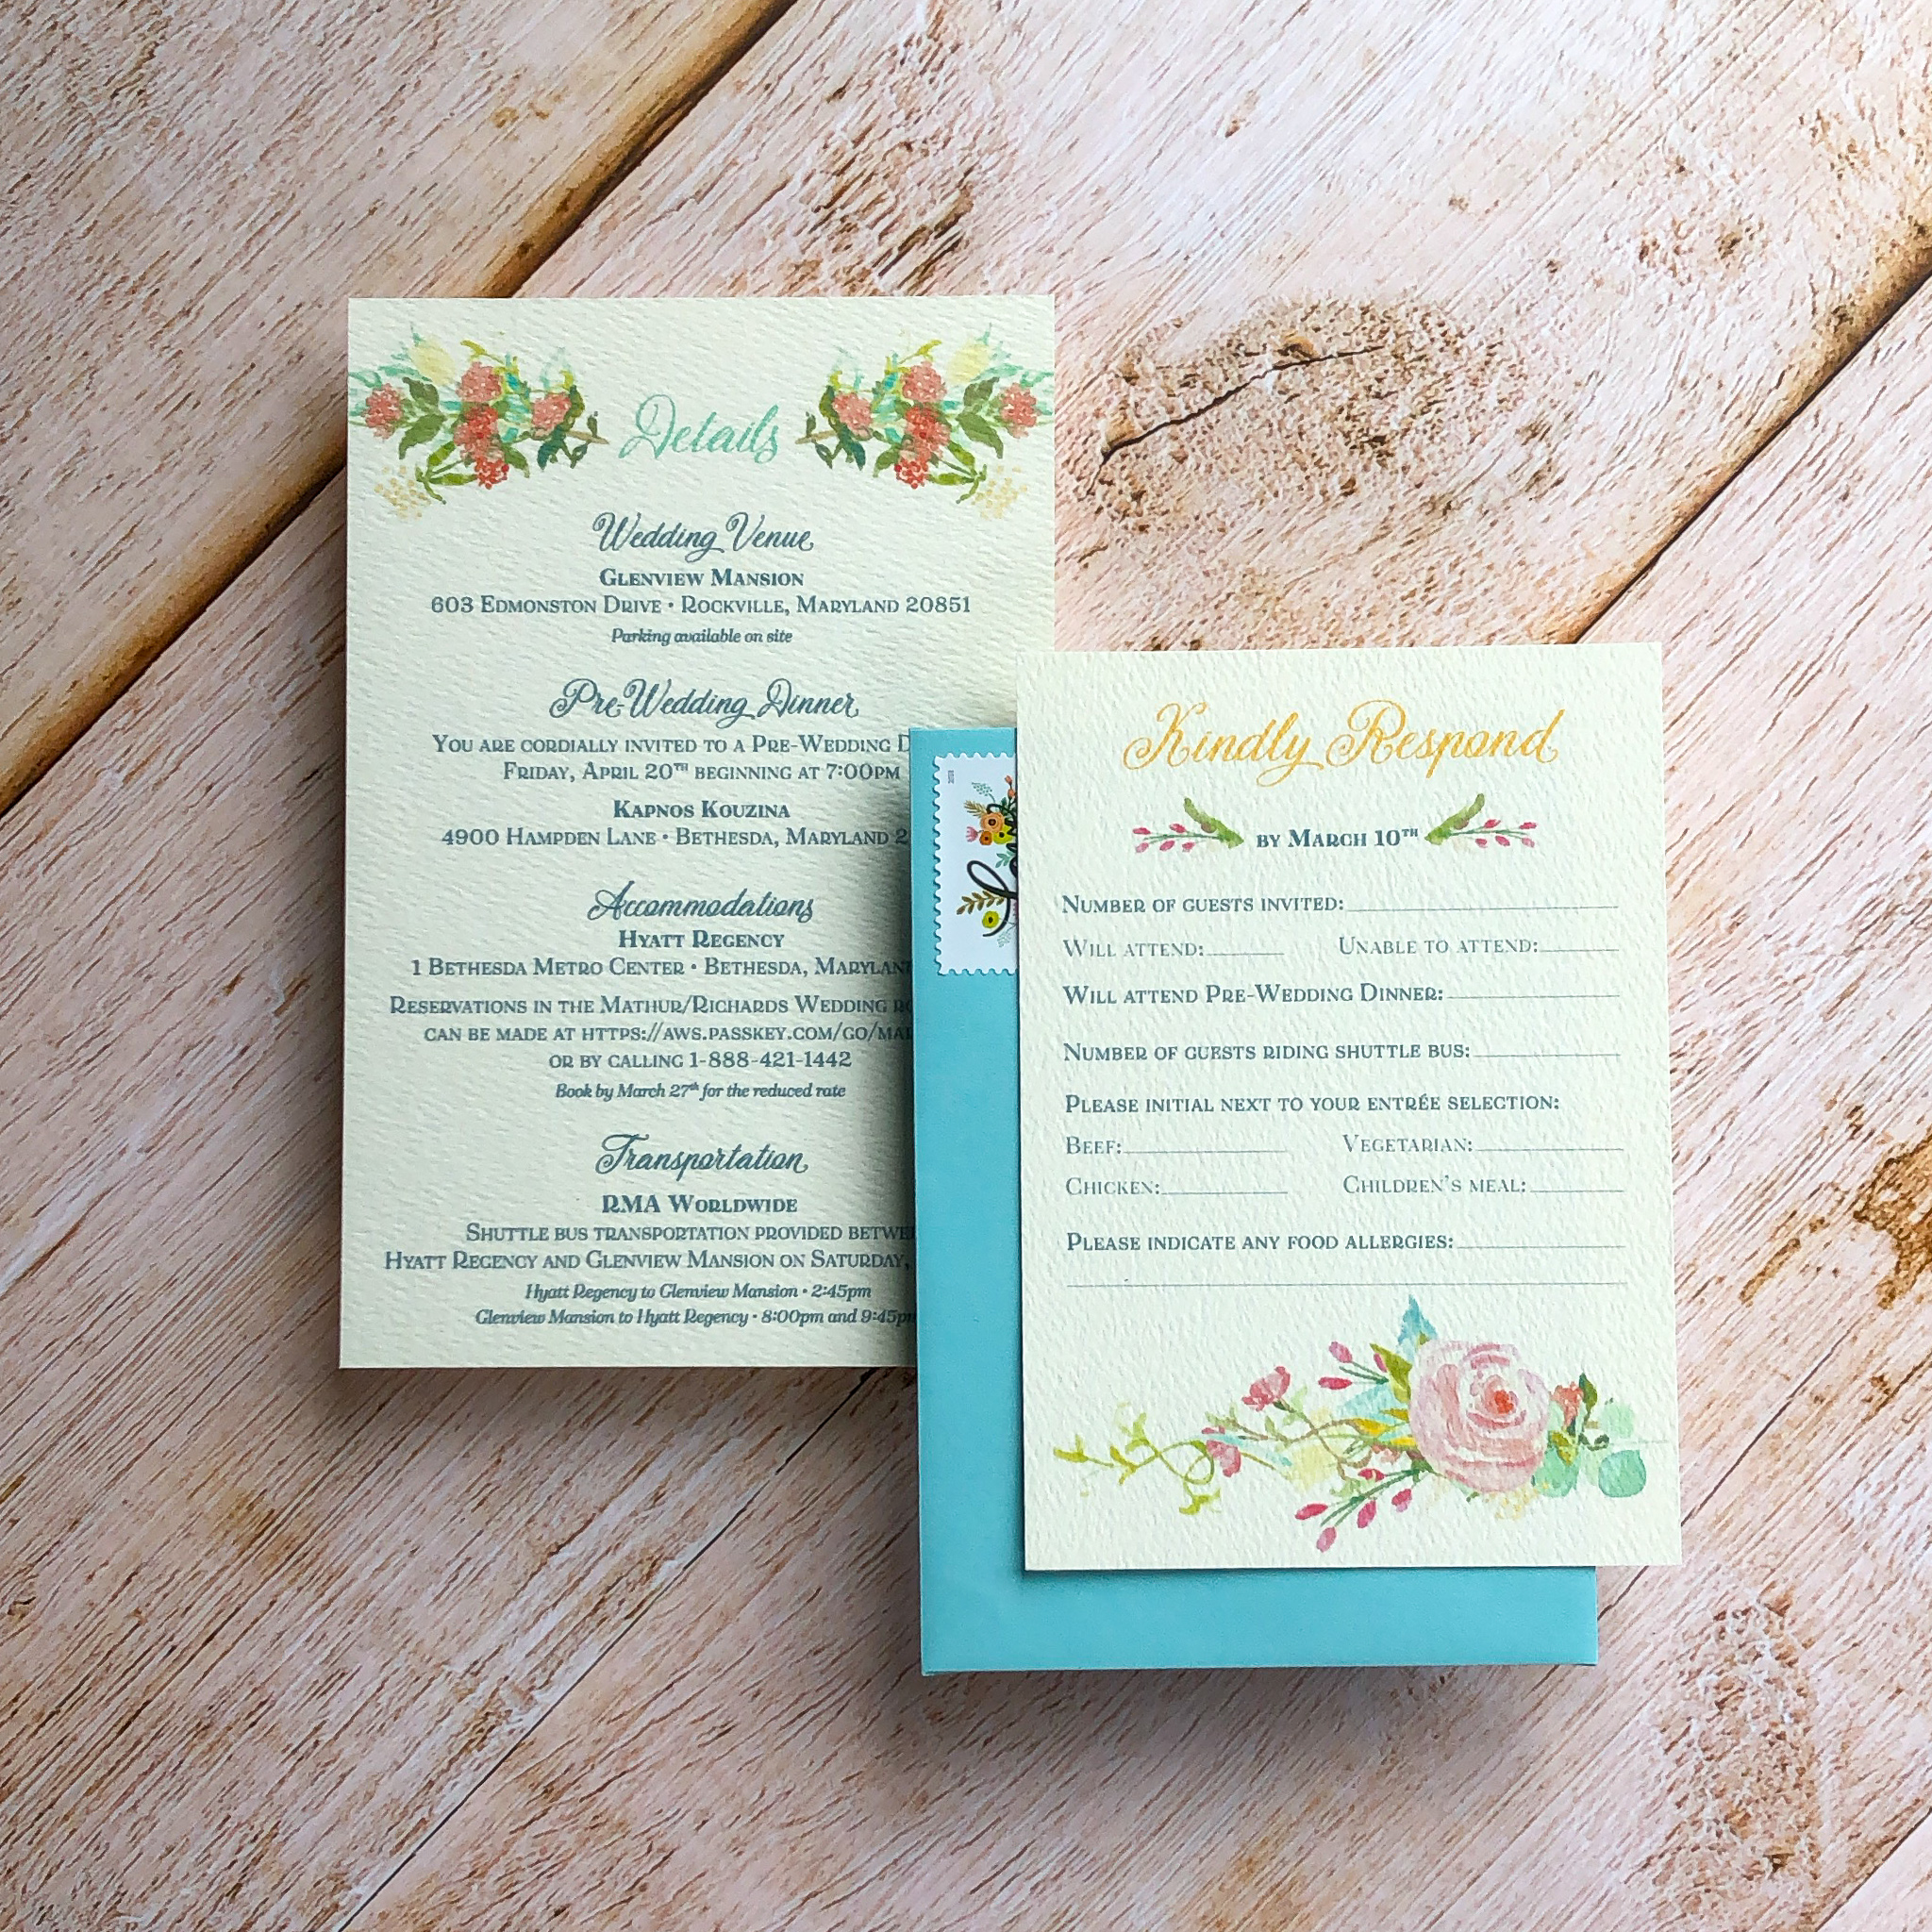 TypeA_WeddingInvitations_SemiCustom_SpringFloral_Design_Purple-Blue-Pink_RehersalDinnerInvite-RSVP.jpg